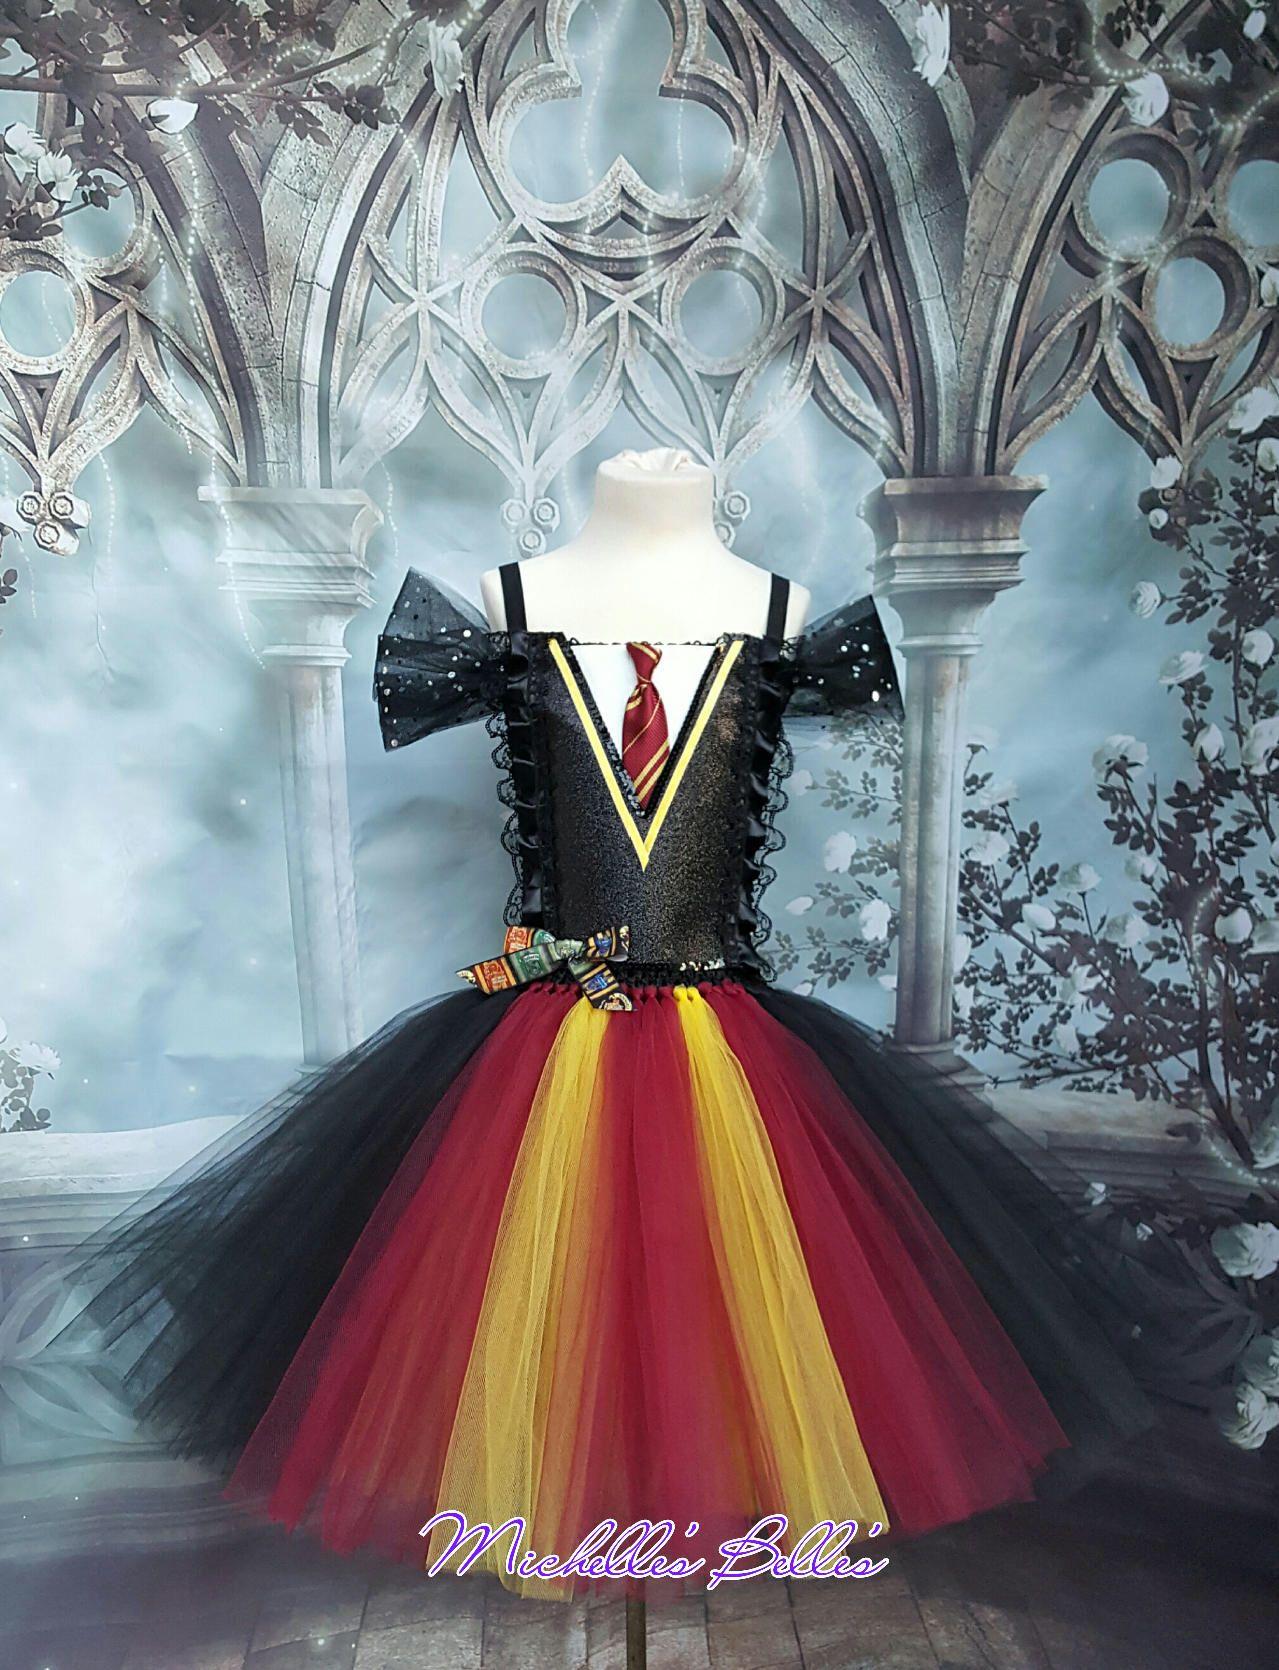 46+ Harry potter dress ideas in 2021